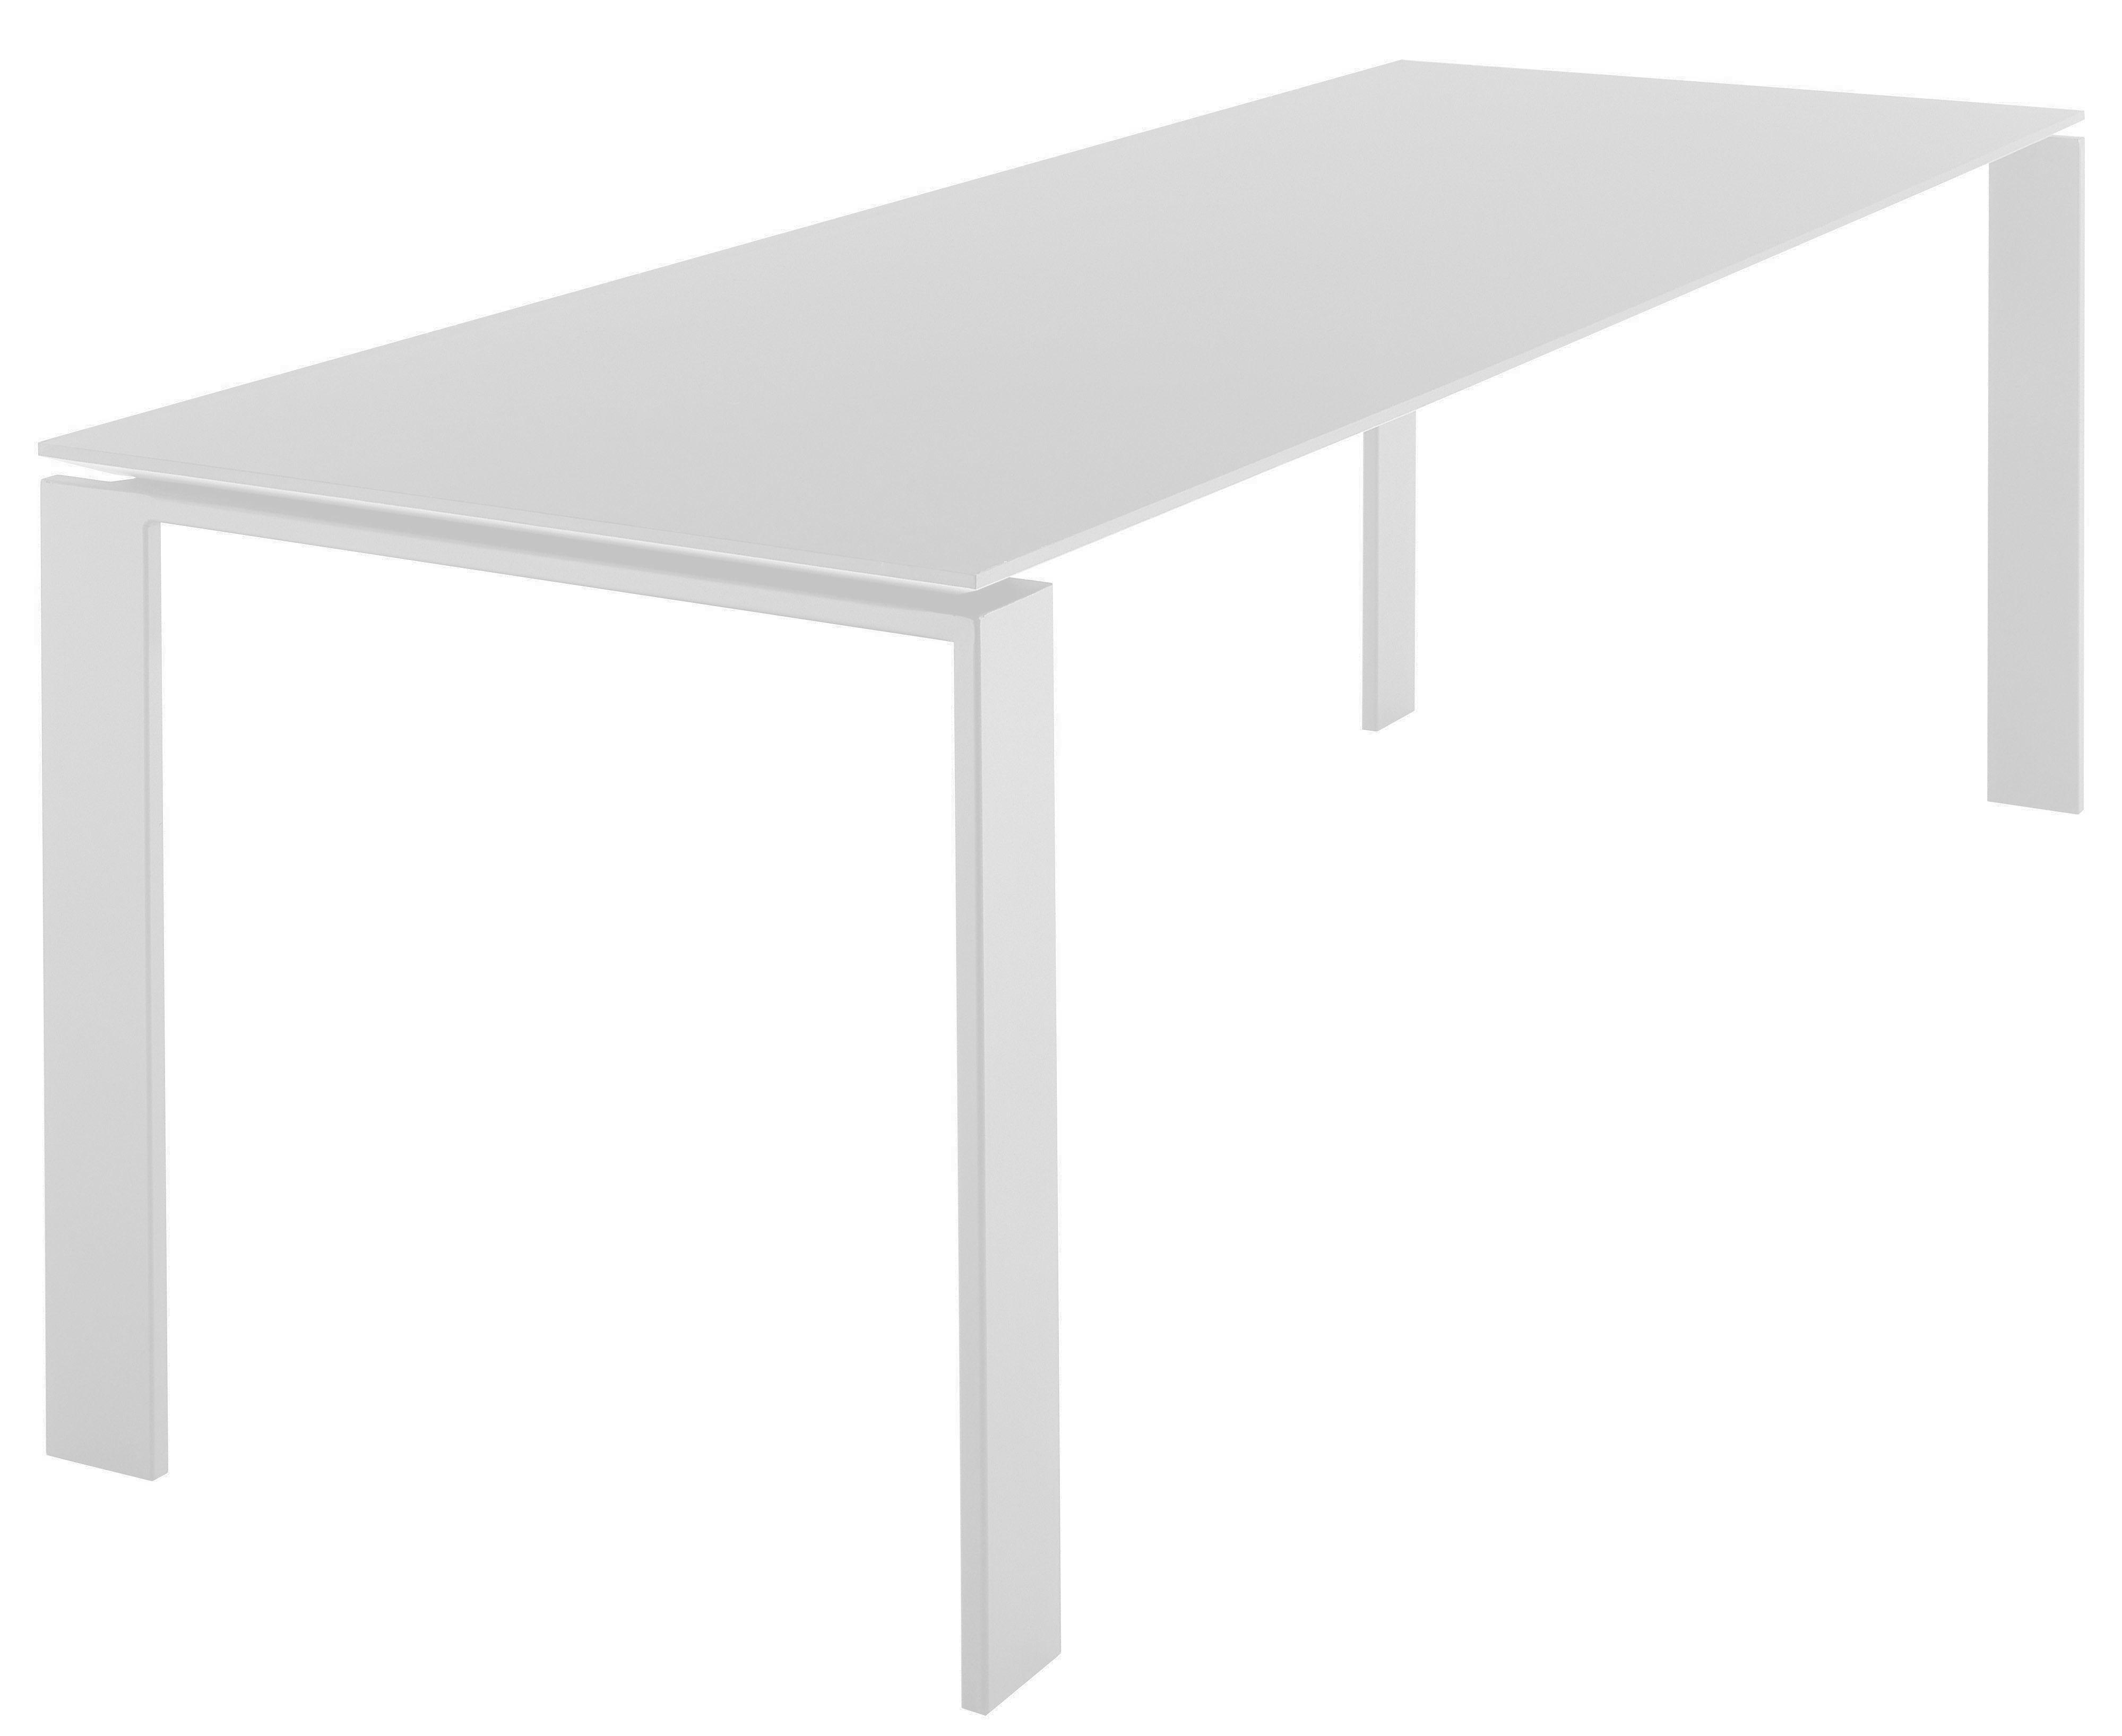 Möbel - Tische - Four rechteckiger Tisch - Kartell - Weiß 158 cm - gefirnister Stahl, Laminat